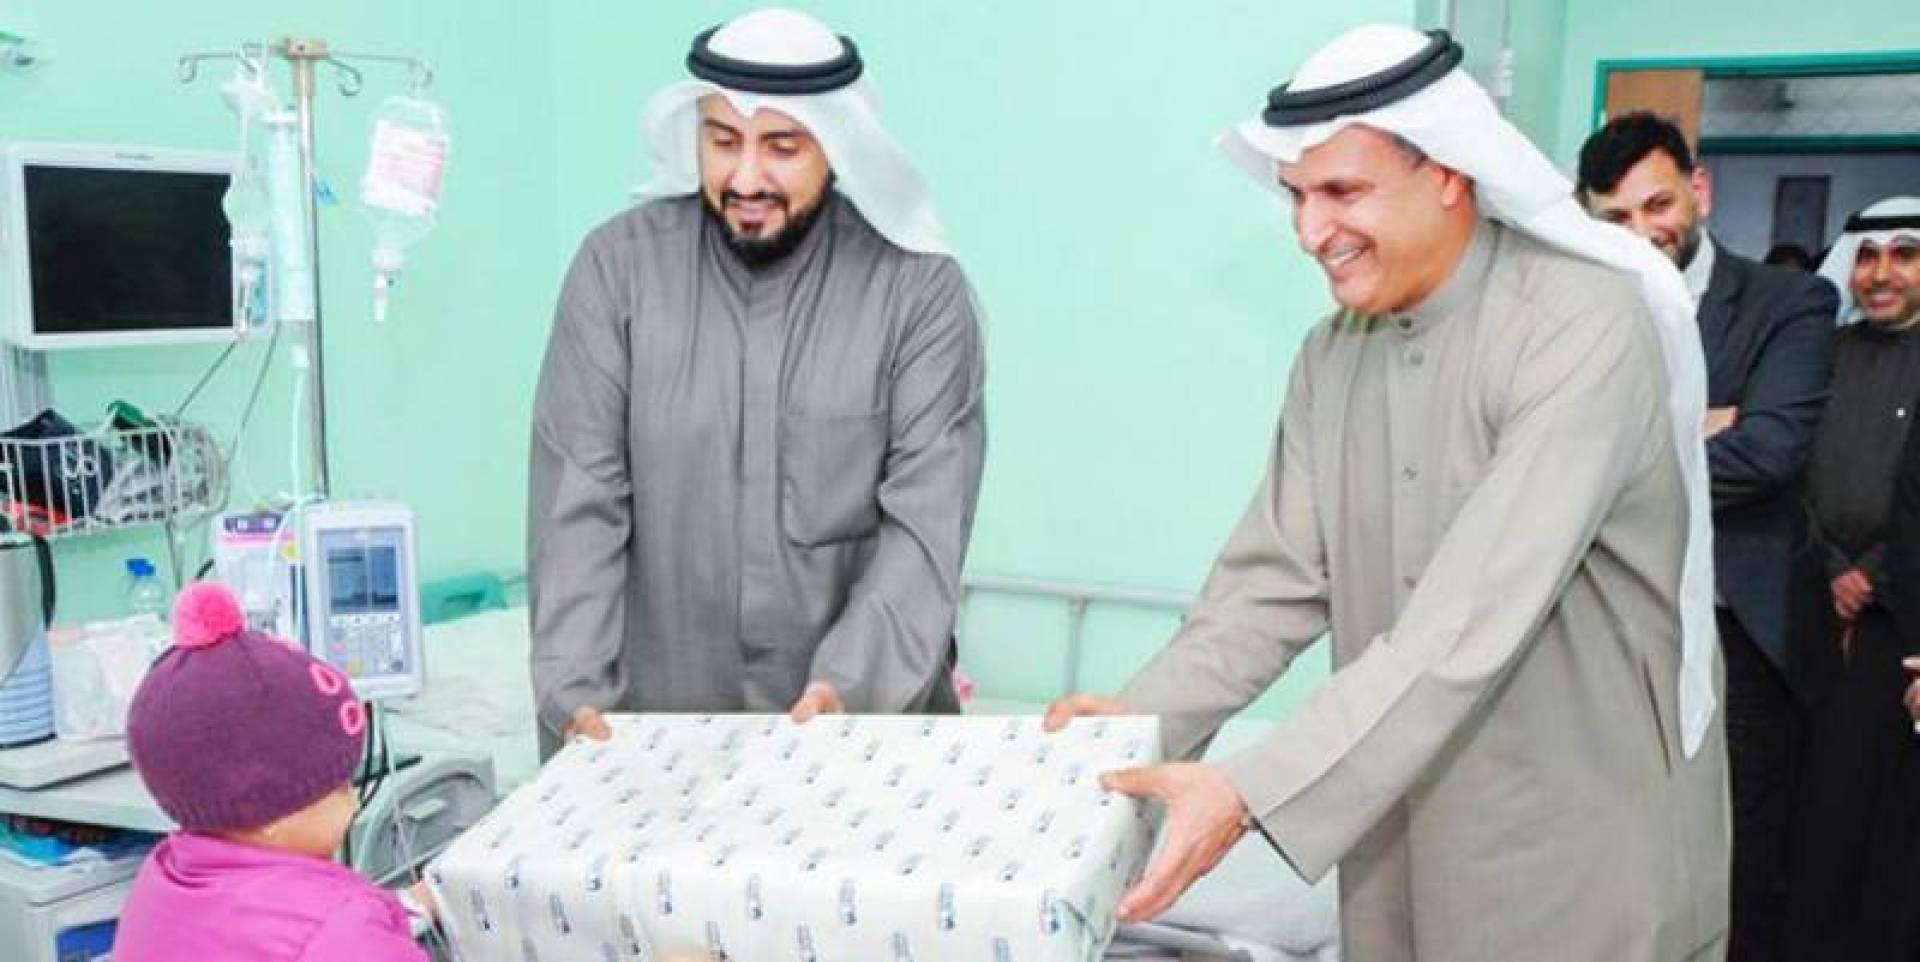 عصام الصقر مرافقاً وزير الصحة د. باسل الصباح في زيارة للمستشفى (أرشيفية)